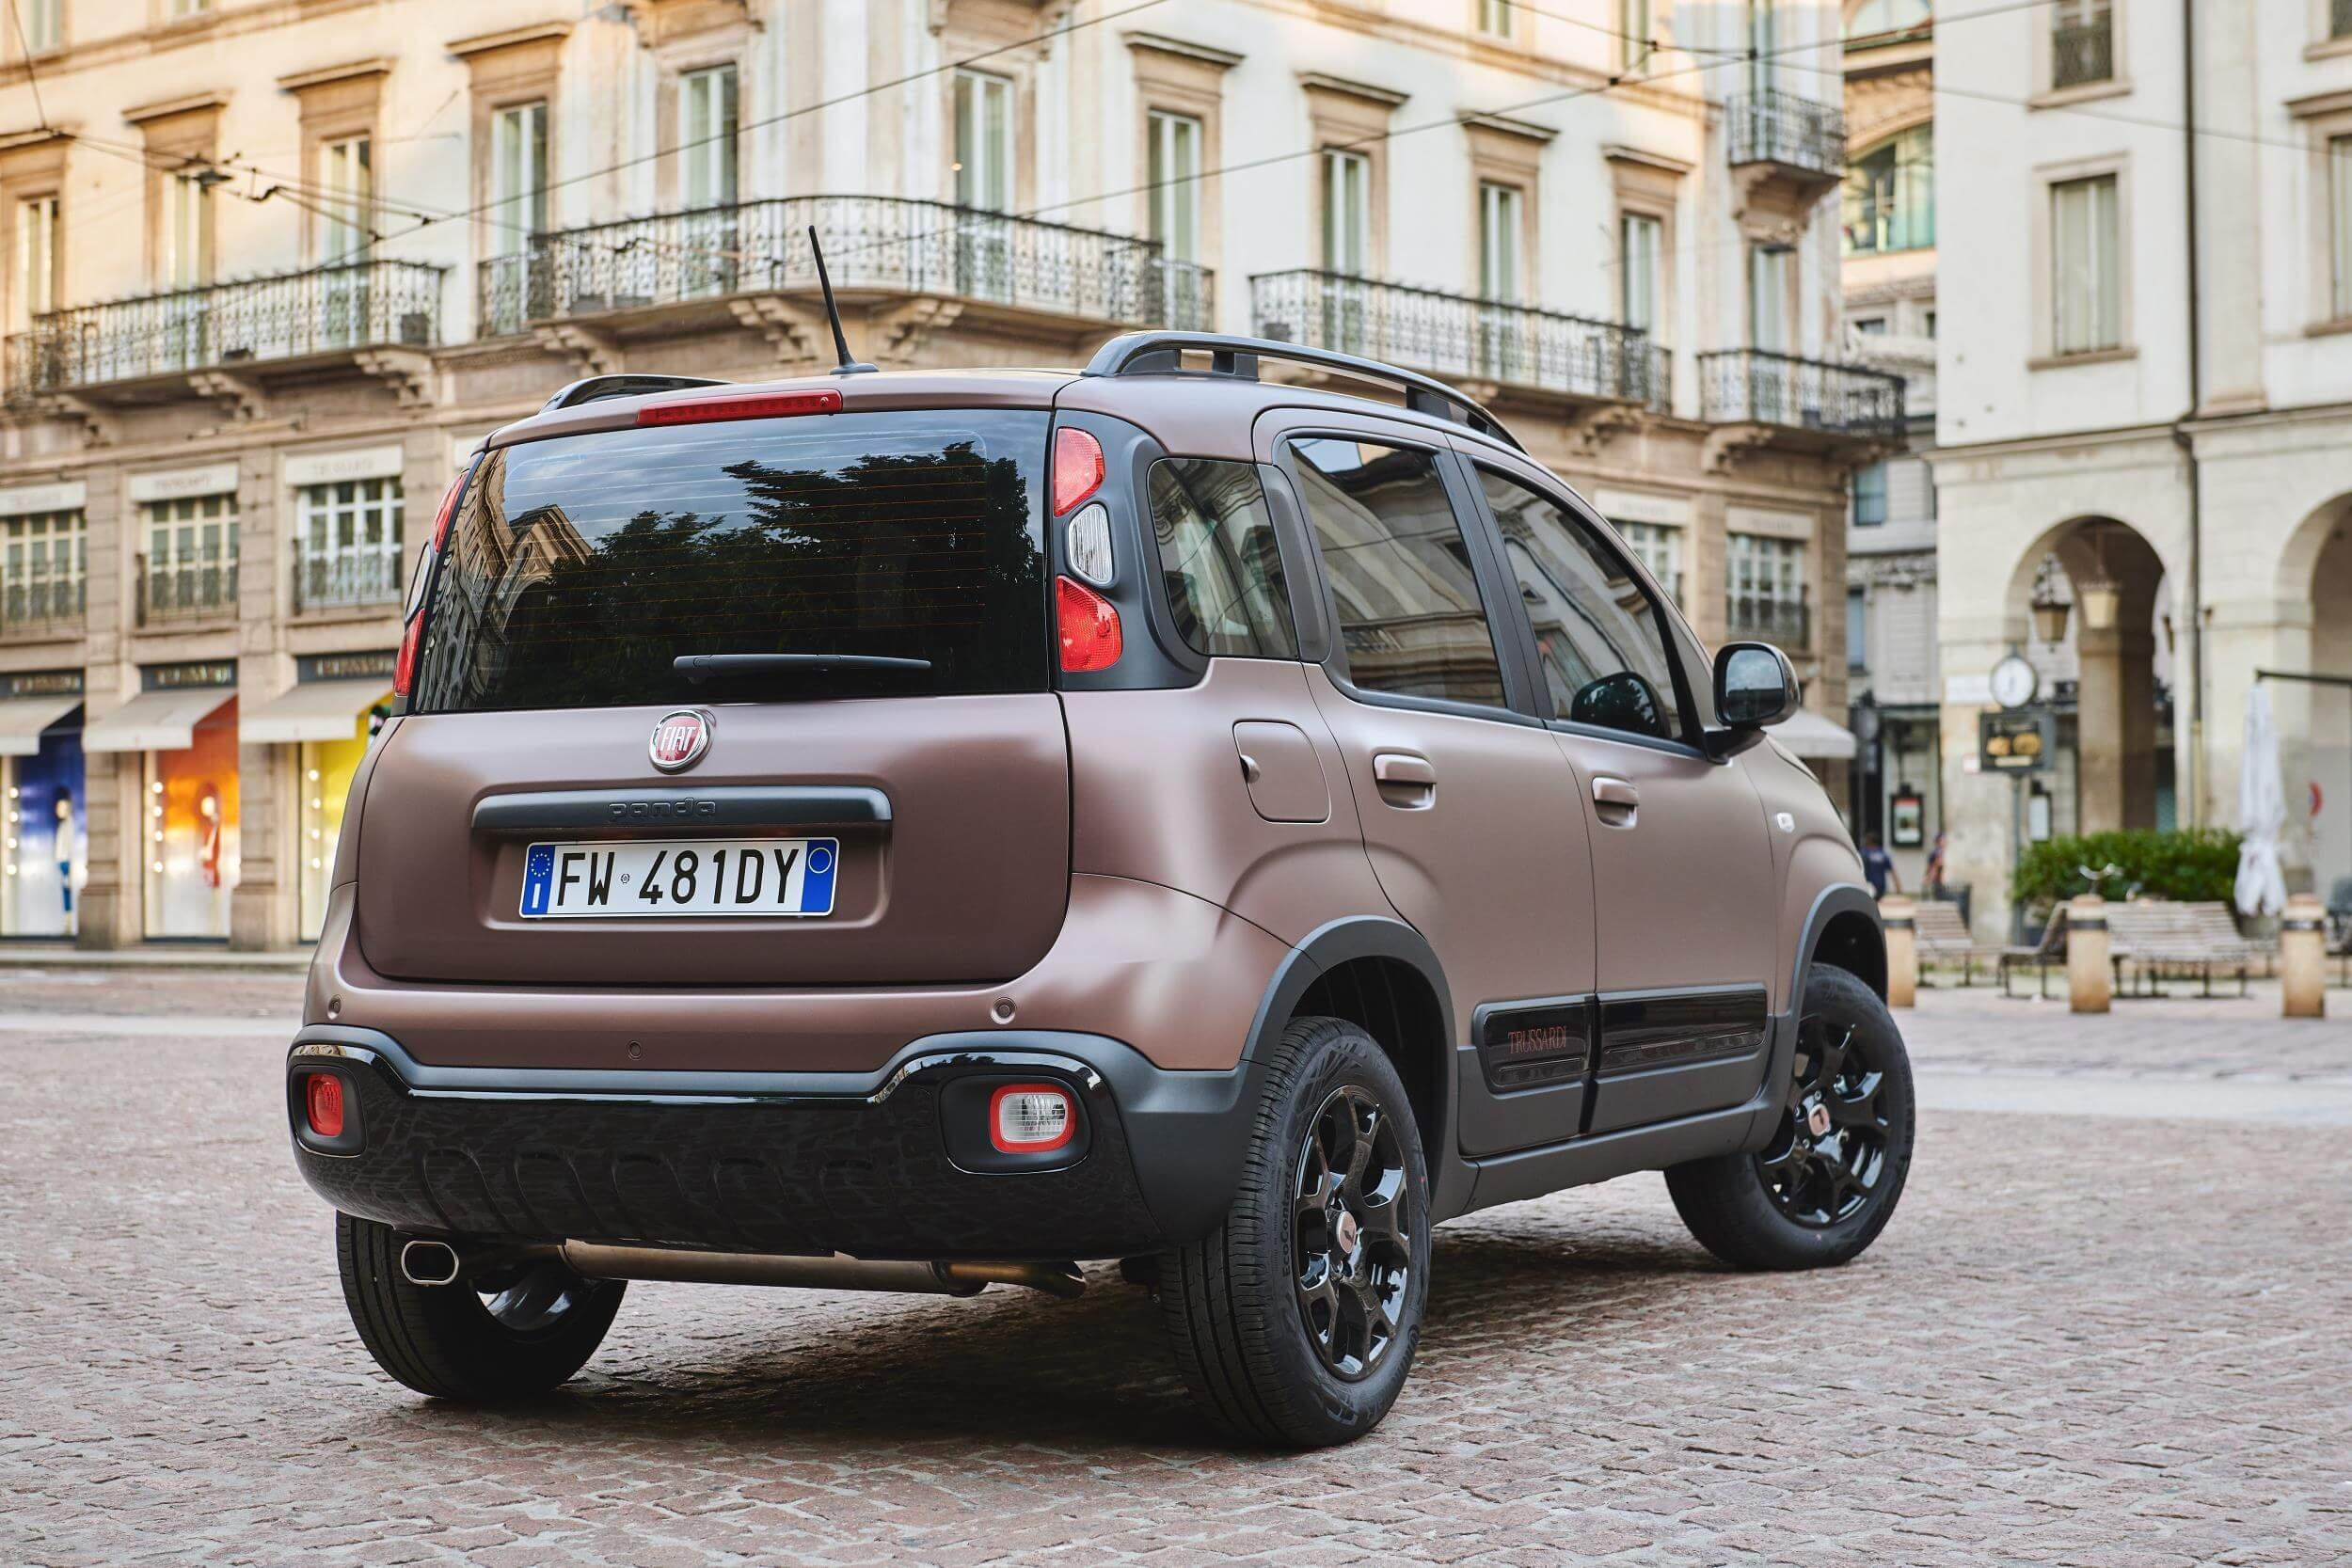 Trasera del Fiat Panda Trussardi